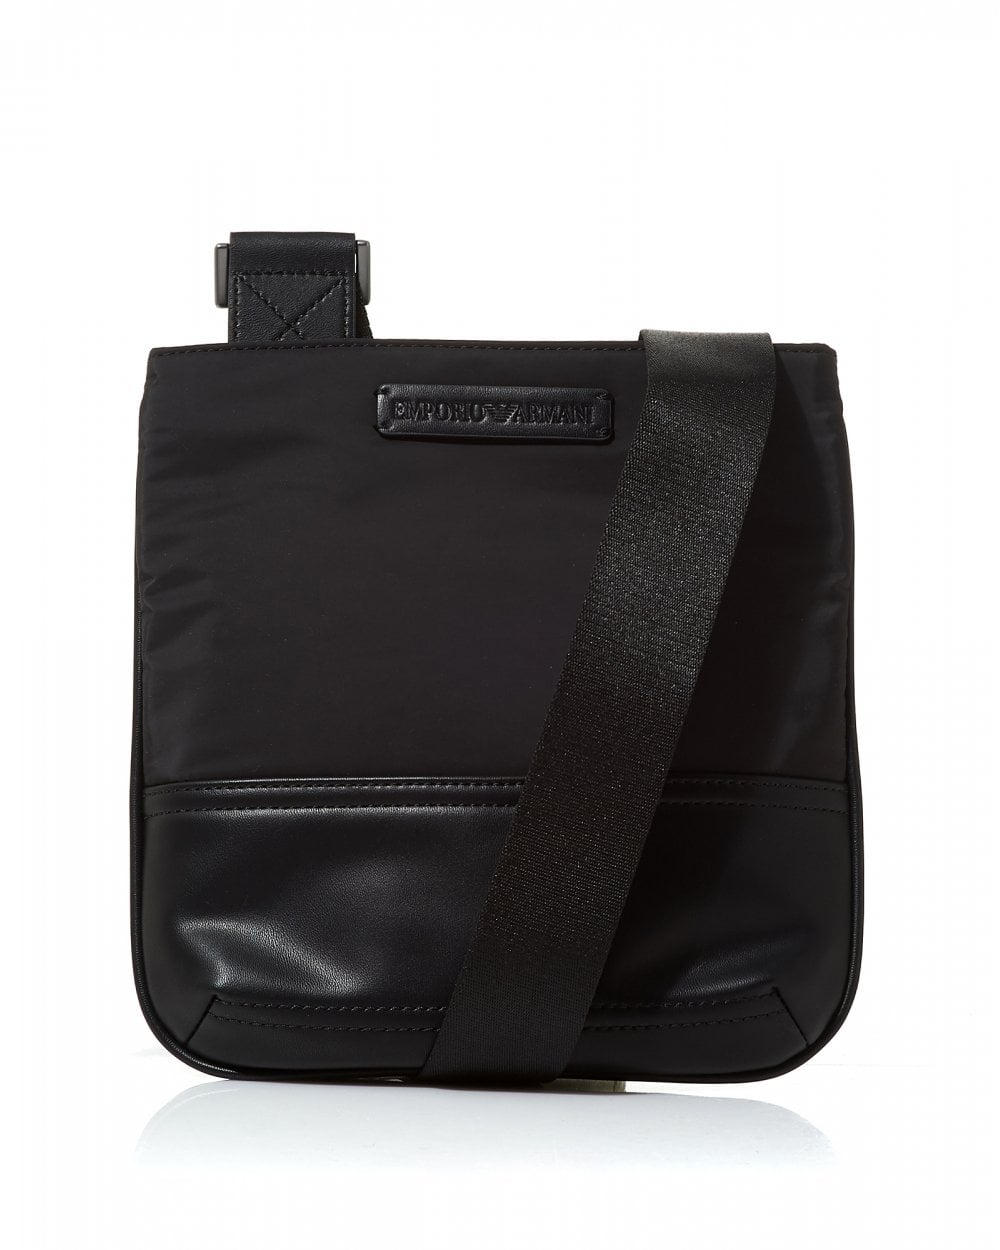 50b9b3b05 Emporio Armani Mens Logo Tab Black Leather Cross Body Stash Bag